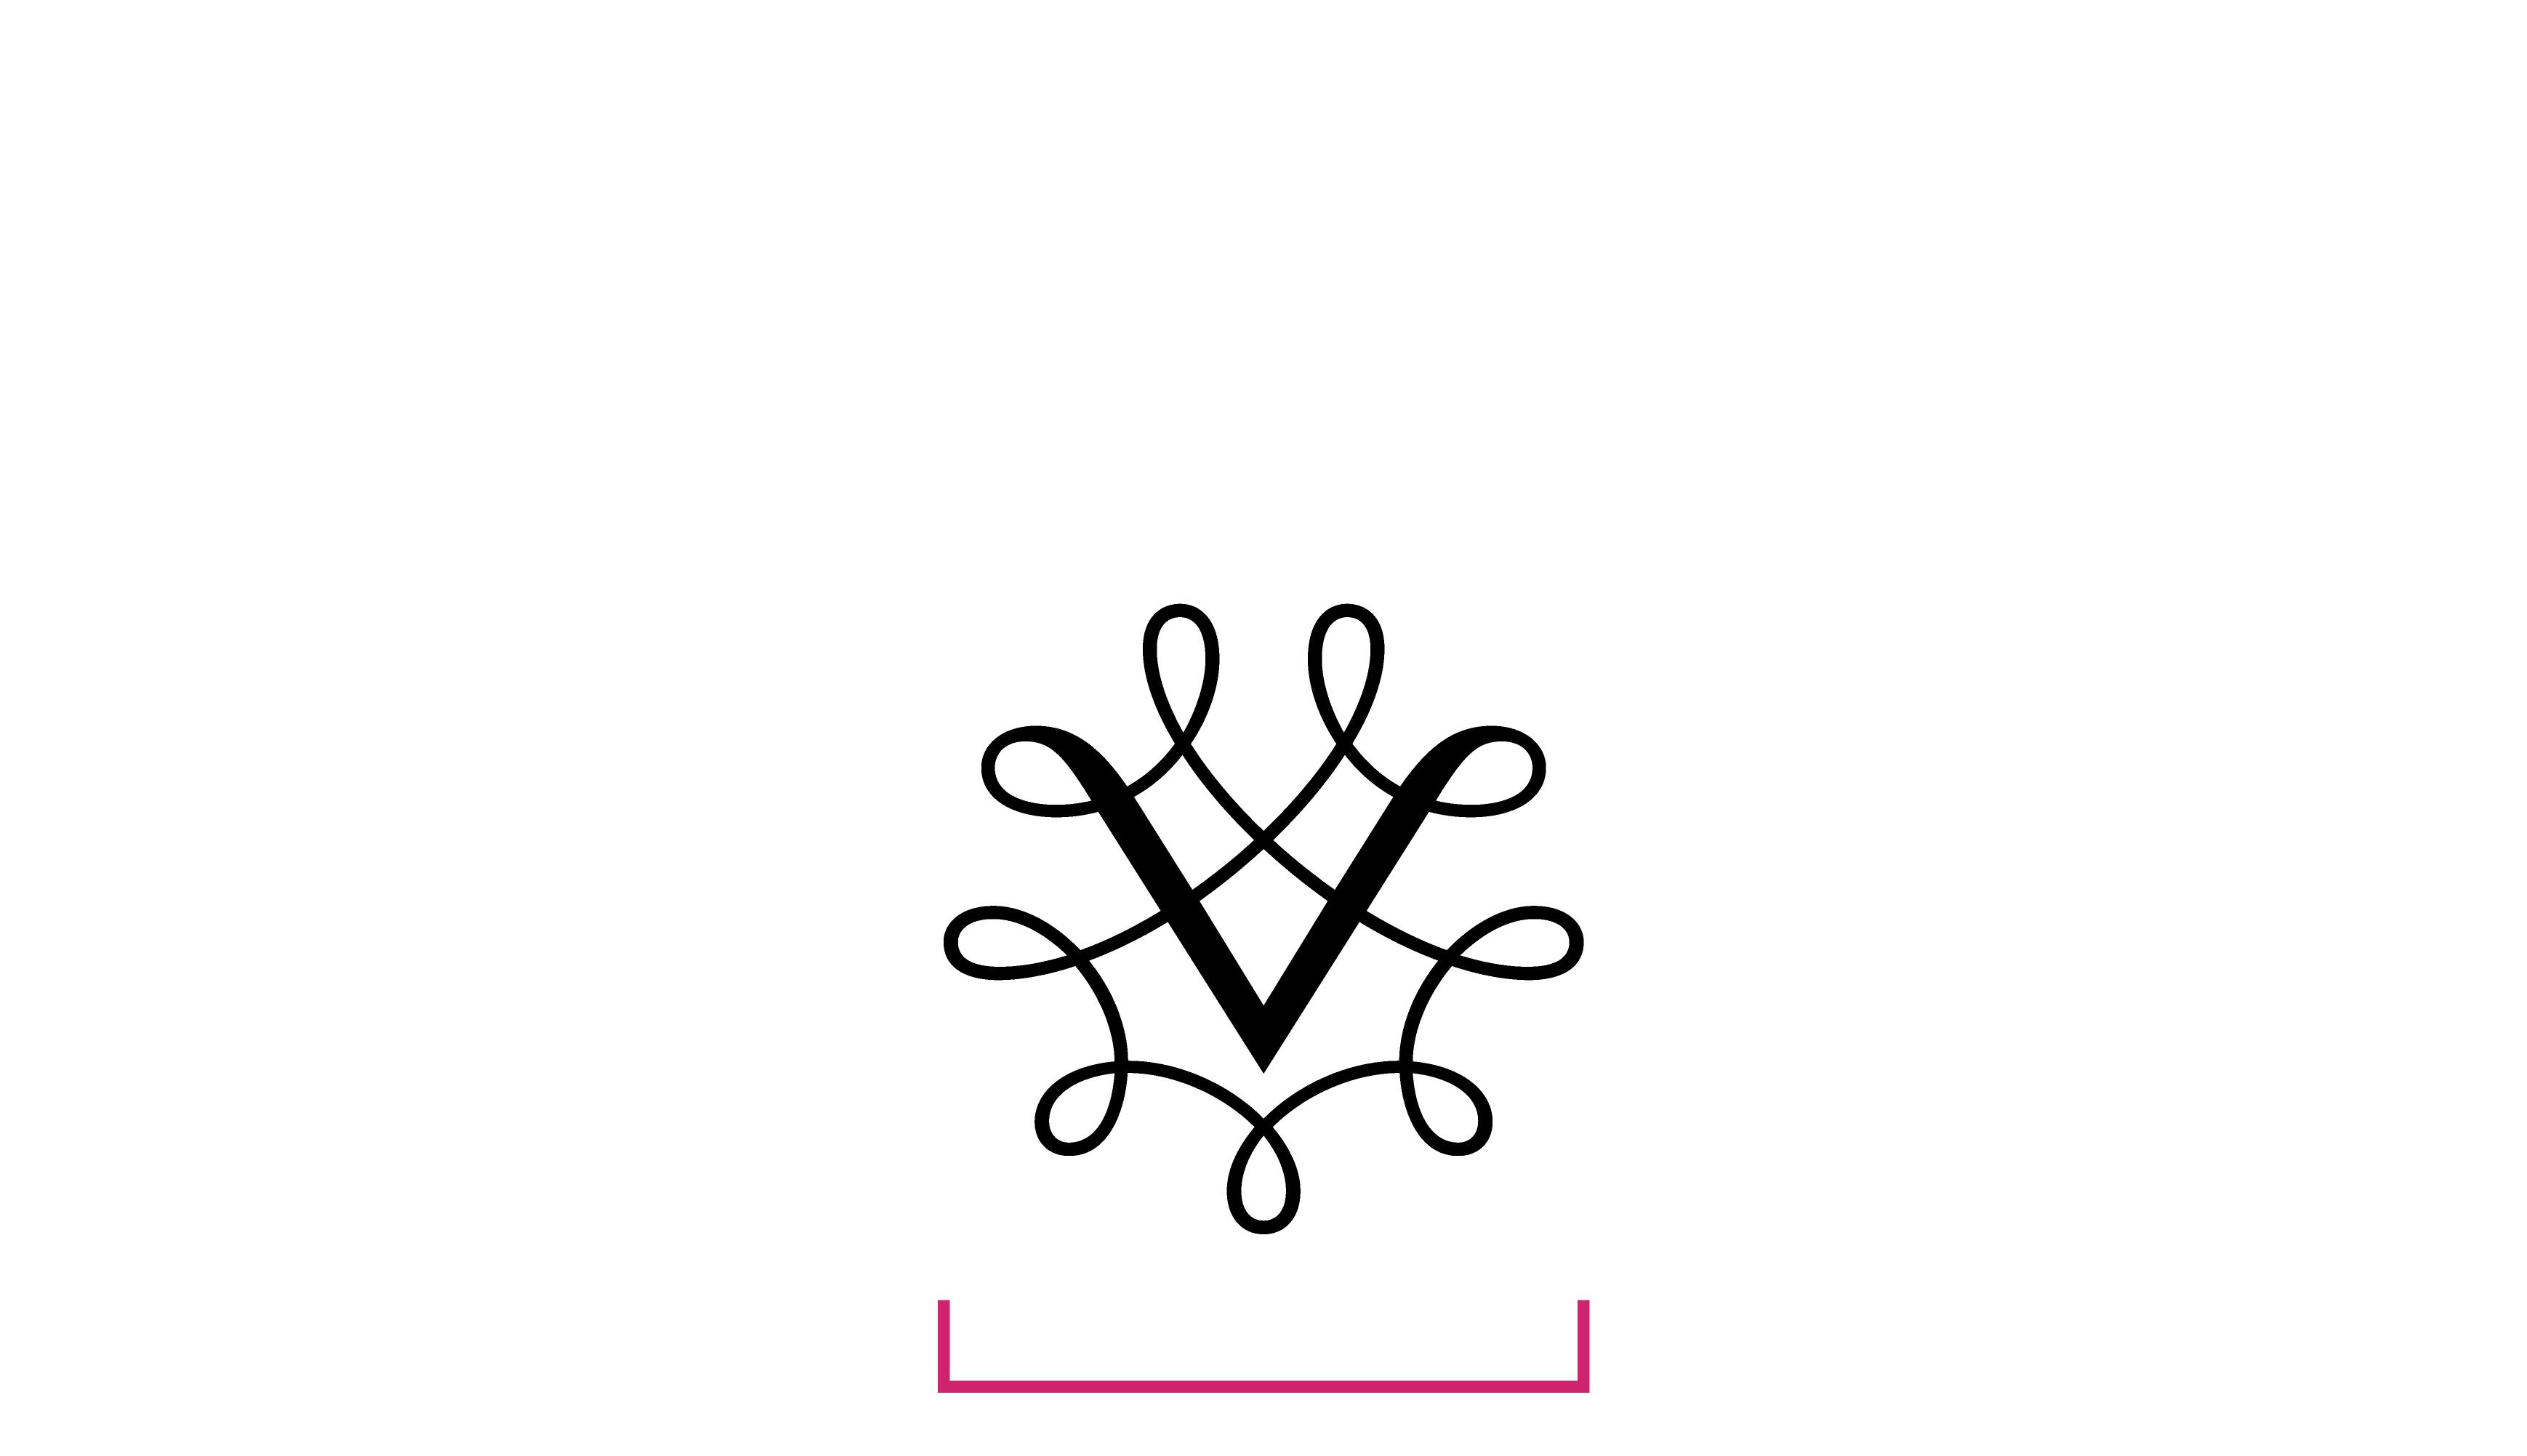 symbol_minstemaal_test-64